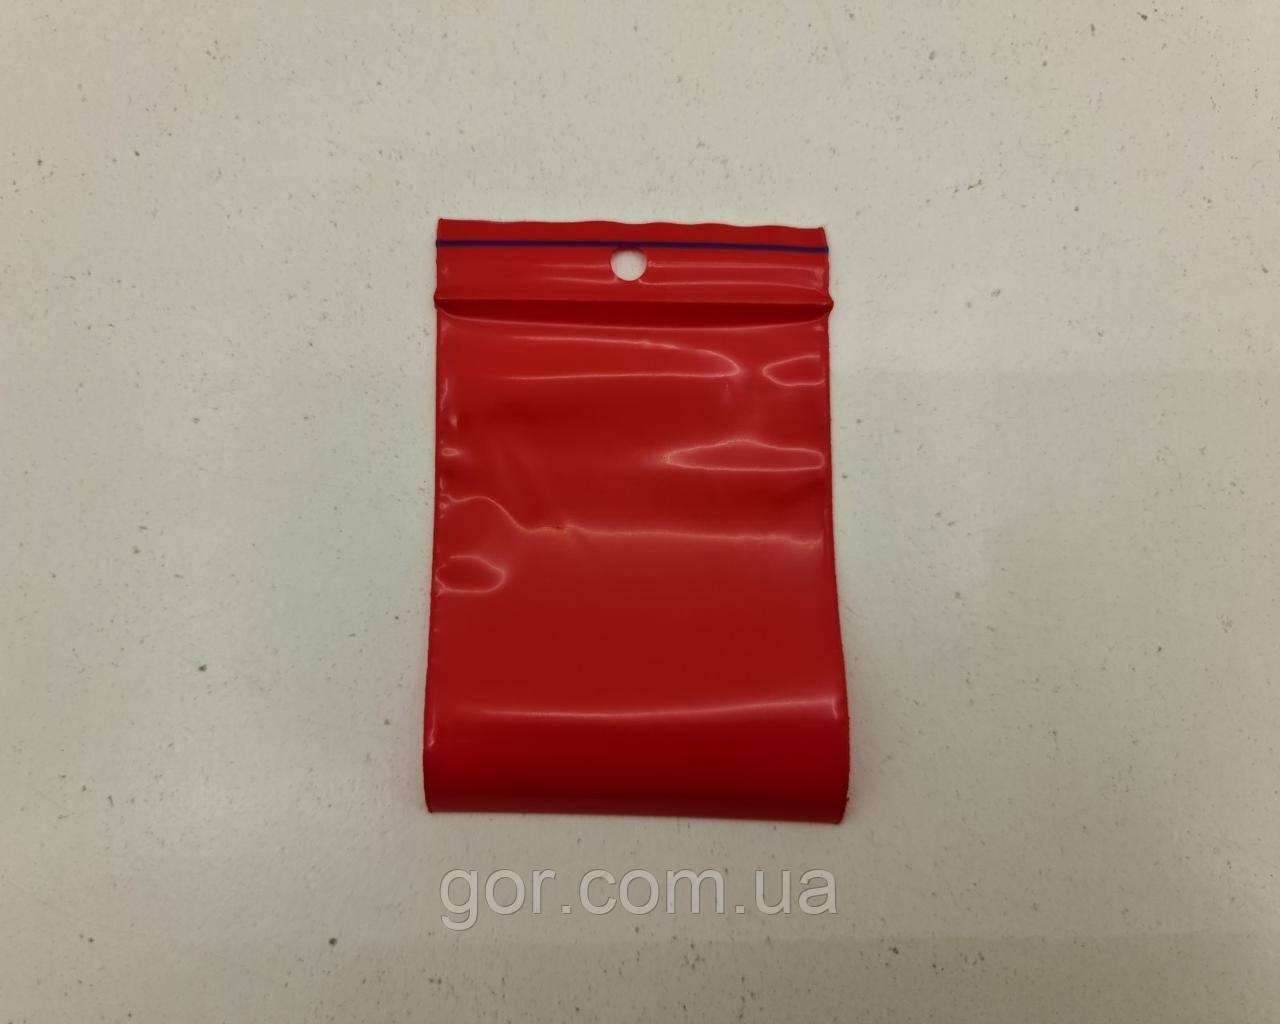 Пакет з замком zipp 6x8 червоний (50шт) (1 пач.)